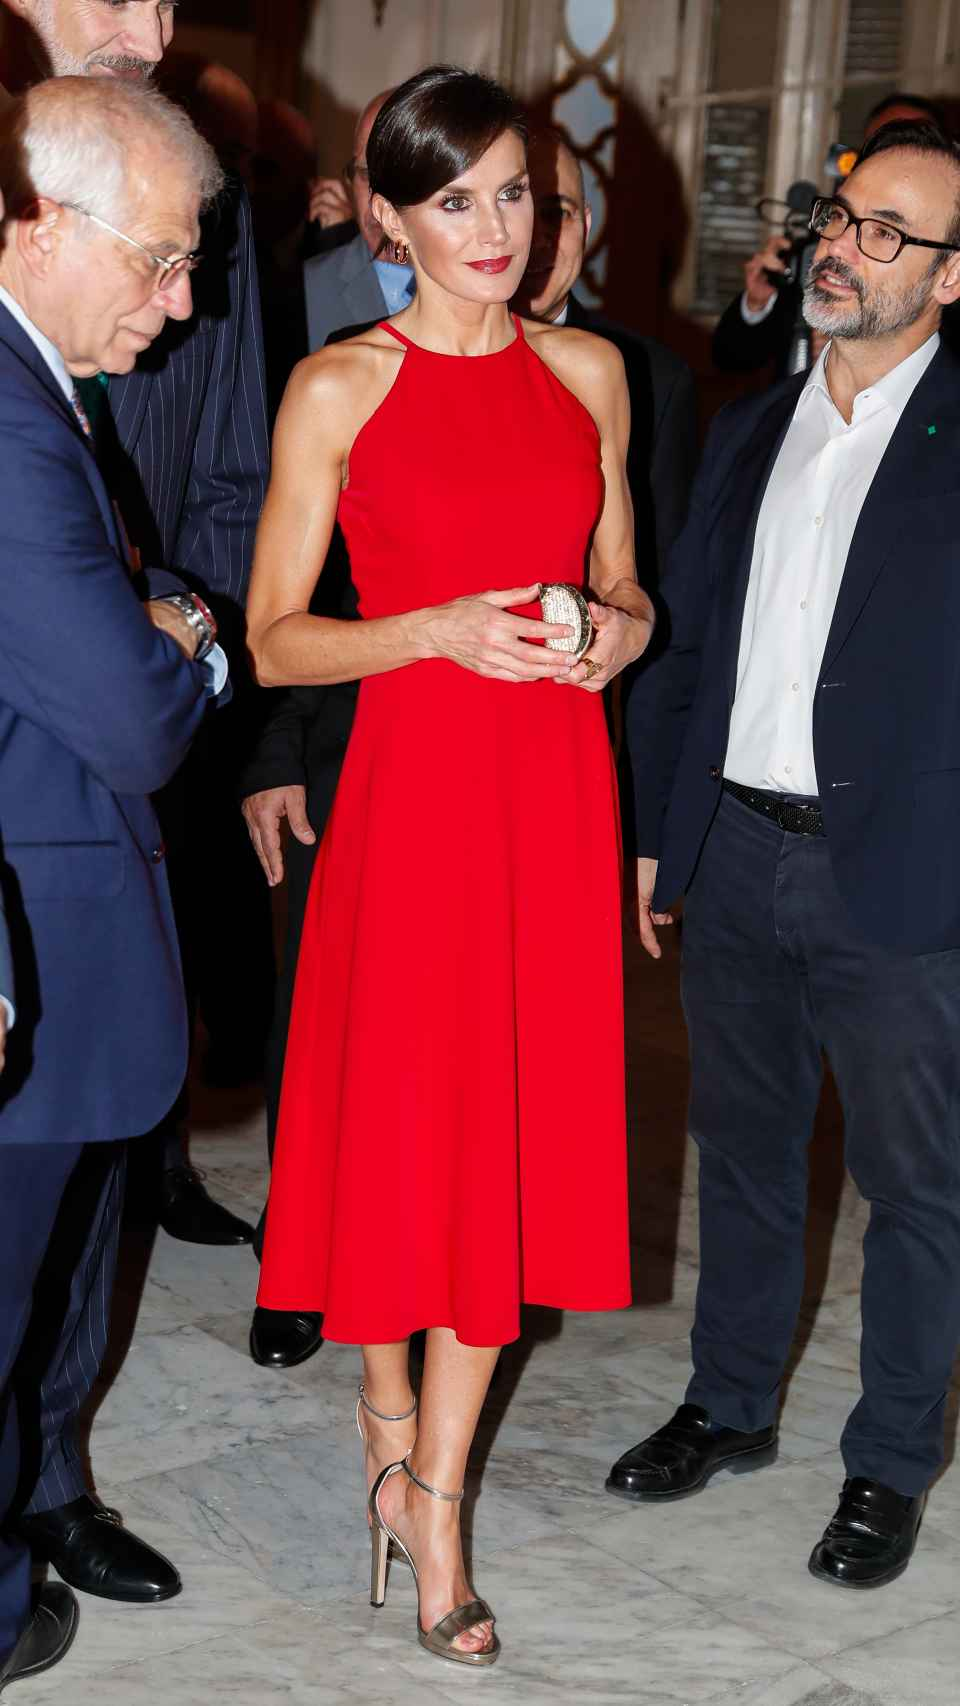 'Total look' de Letizia: apuesta por el rojo intenso y los complementos en dorado.